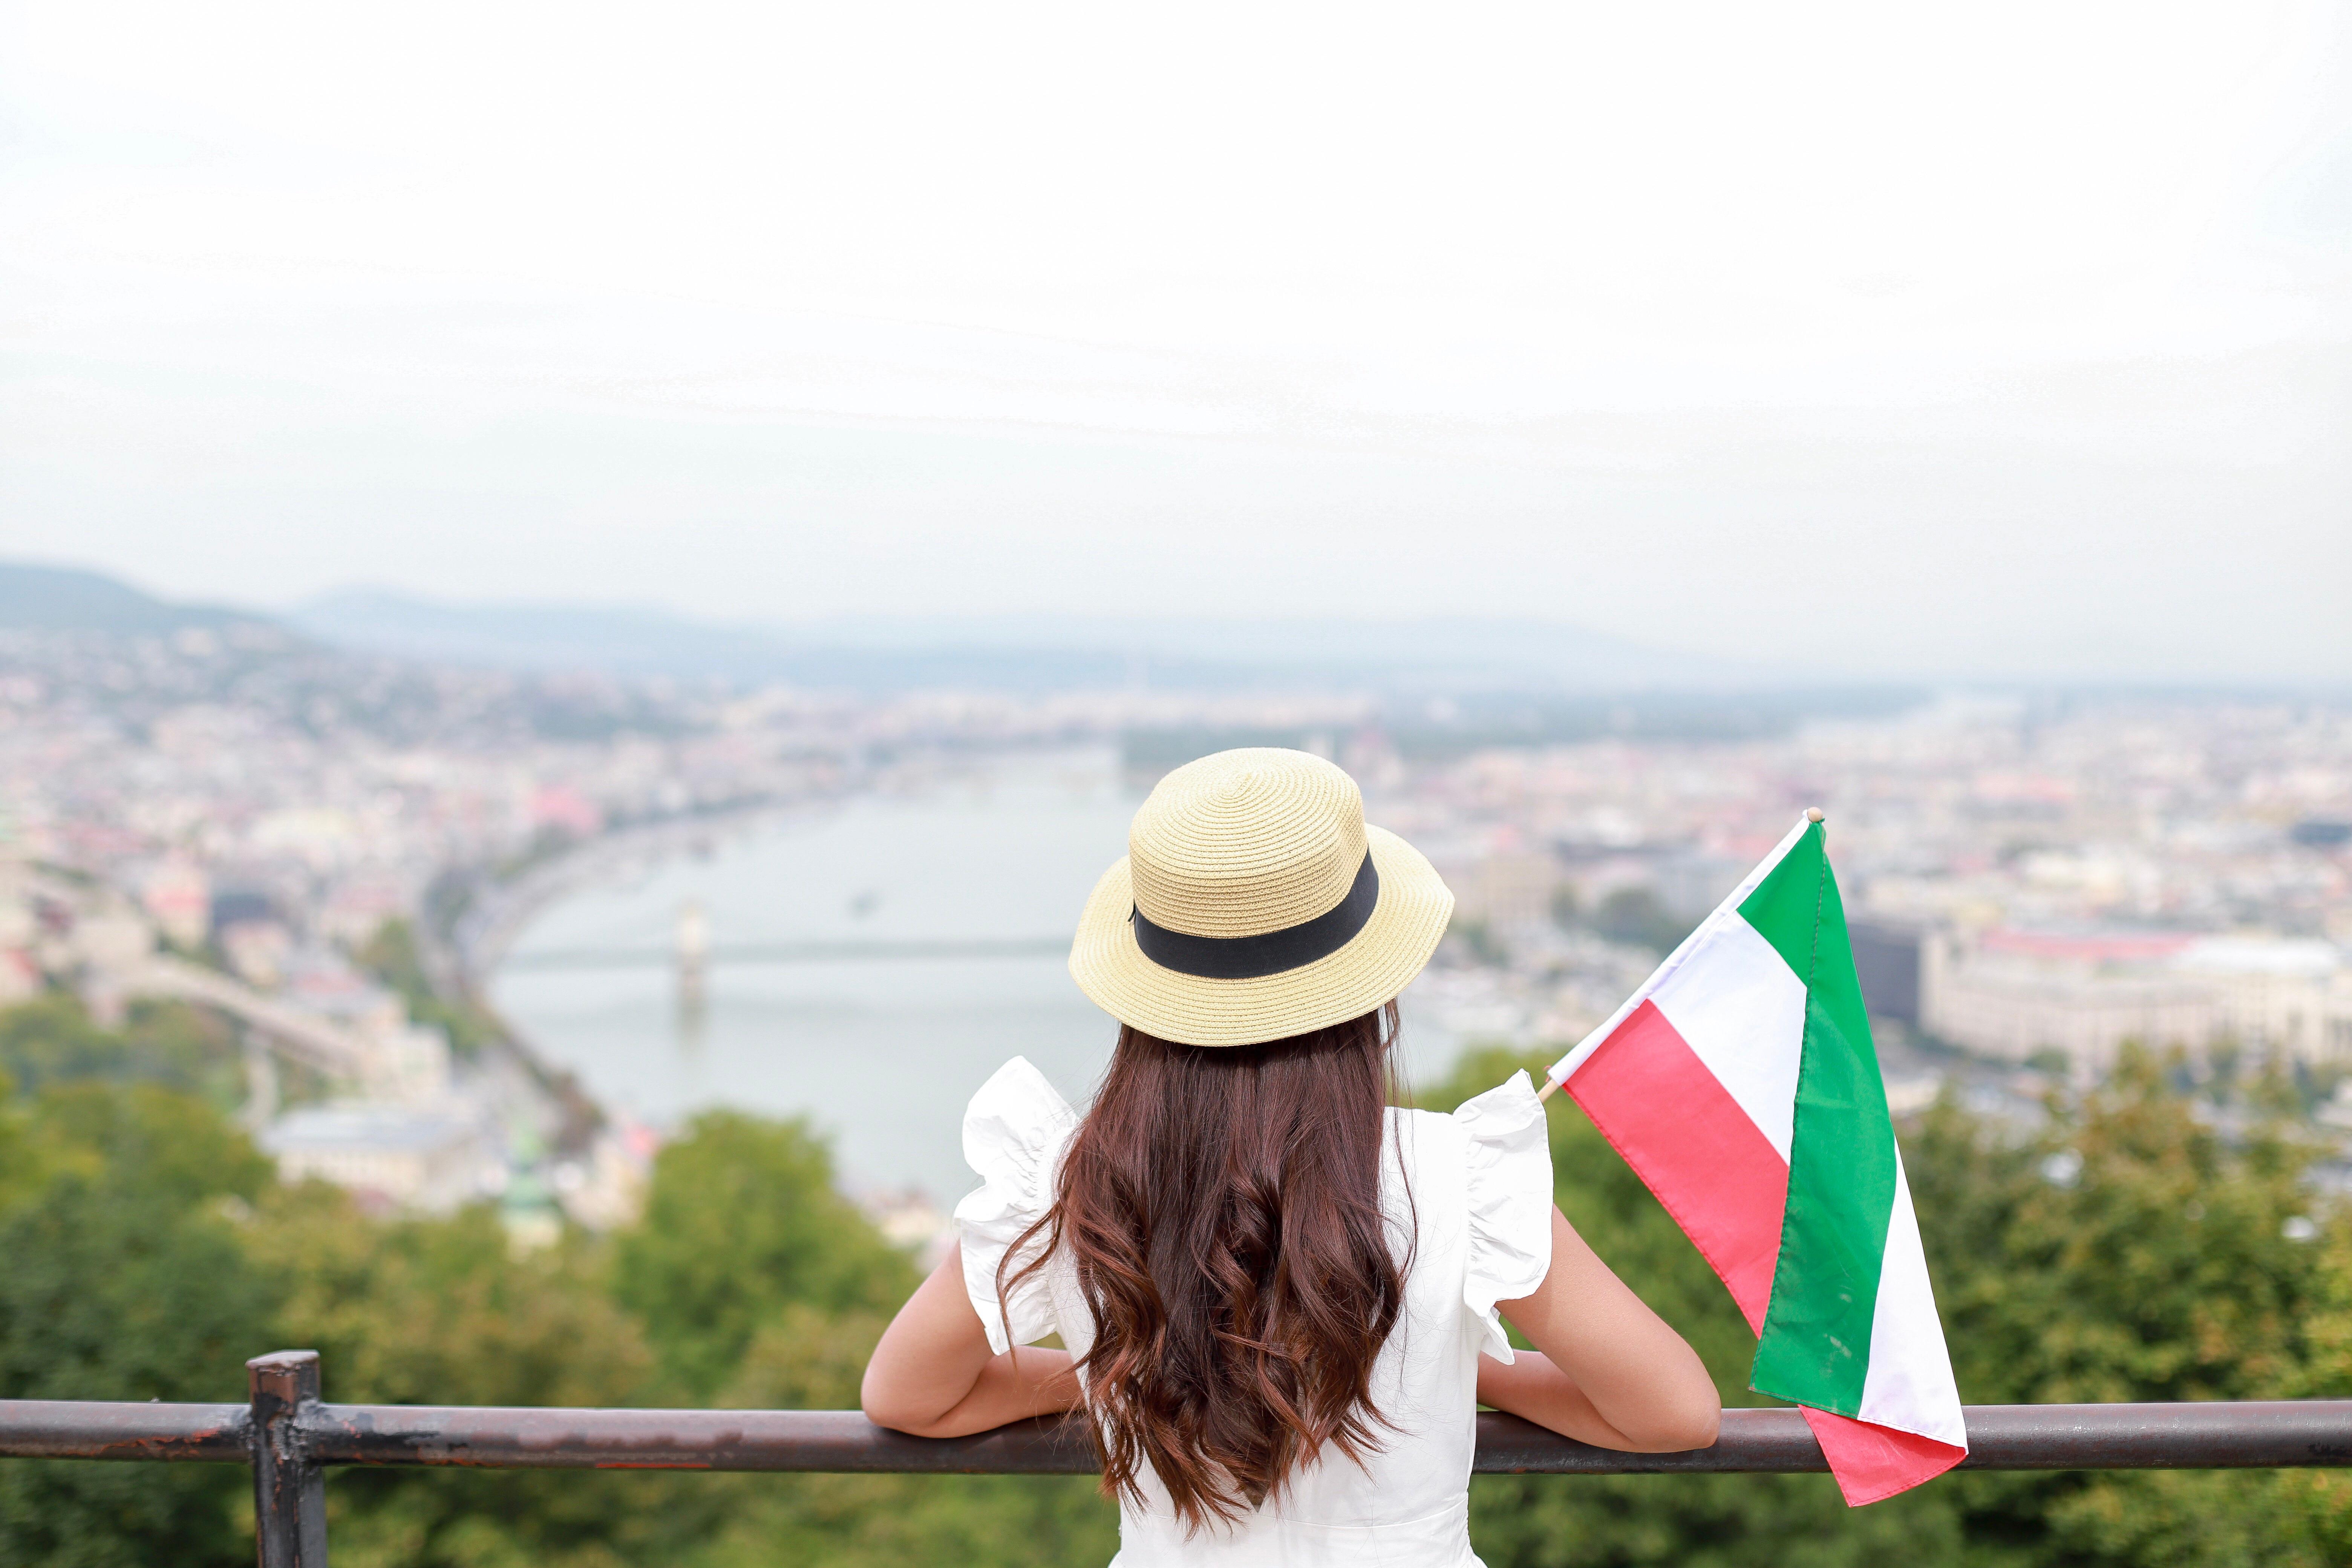 Девушка с флагом Венгрии, куда можно переехать из стран СНГ